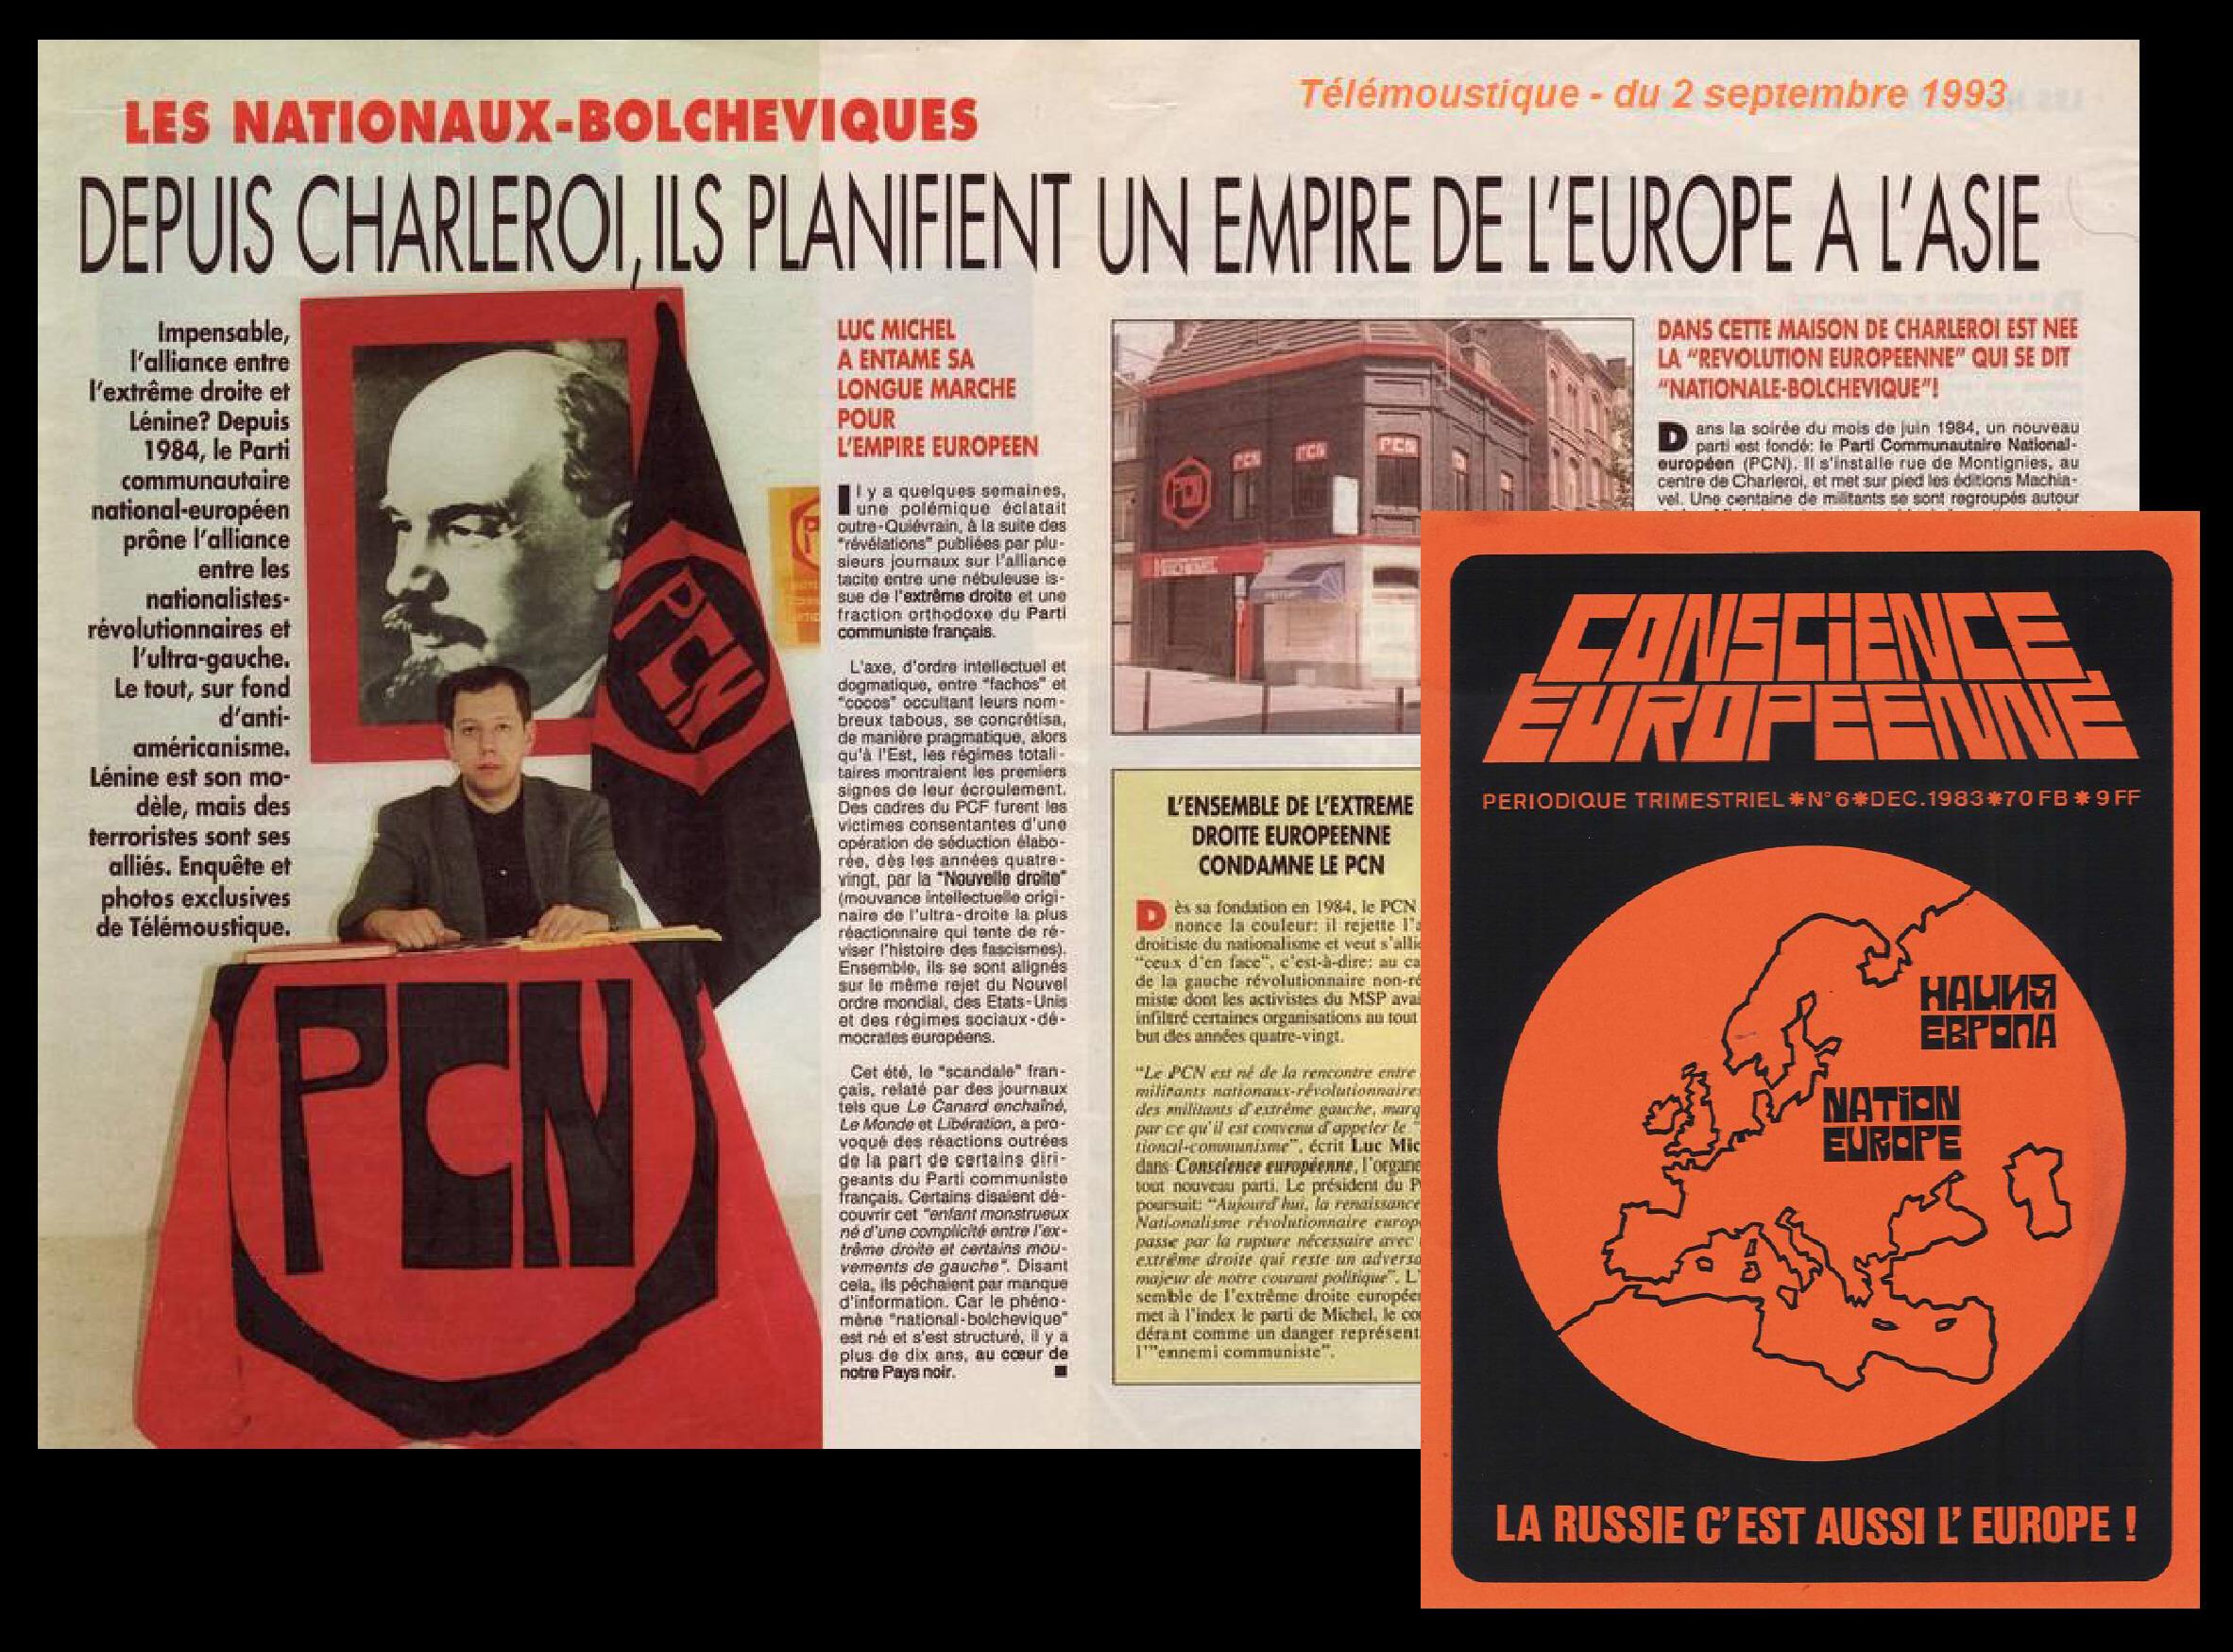 PCN TIMELINE - 1983 le pcn réinvente le NB (2014 05 29) FR